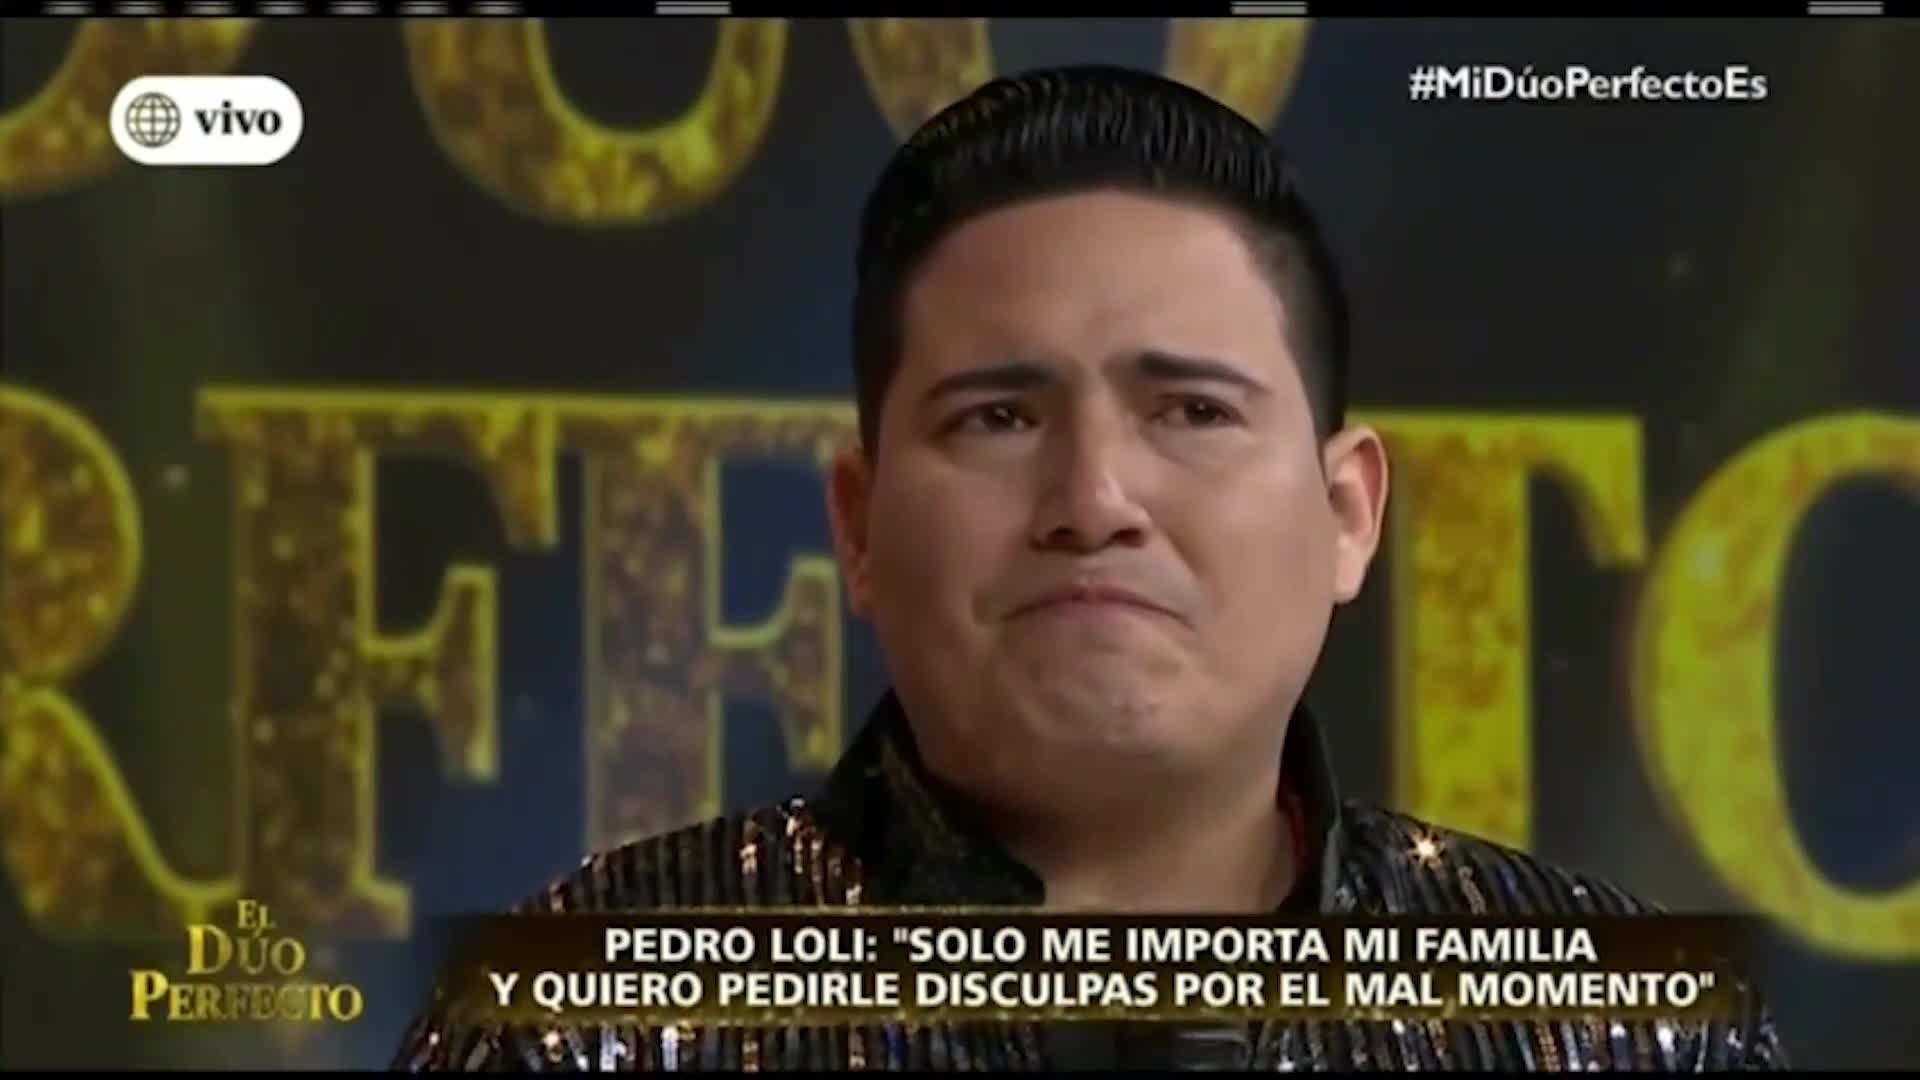 """""""El dúo perfecto"""": Pedro Loli rompe su silencio sobre escándalo de infidelidad"""